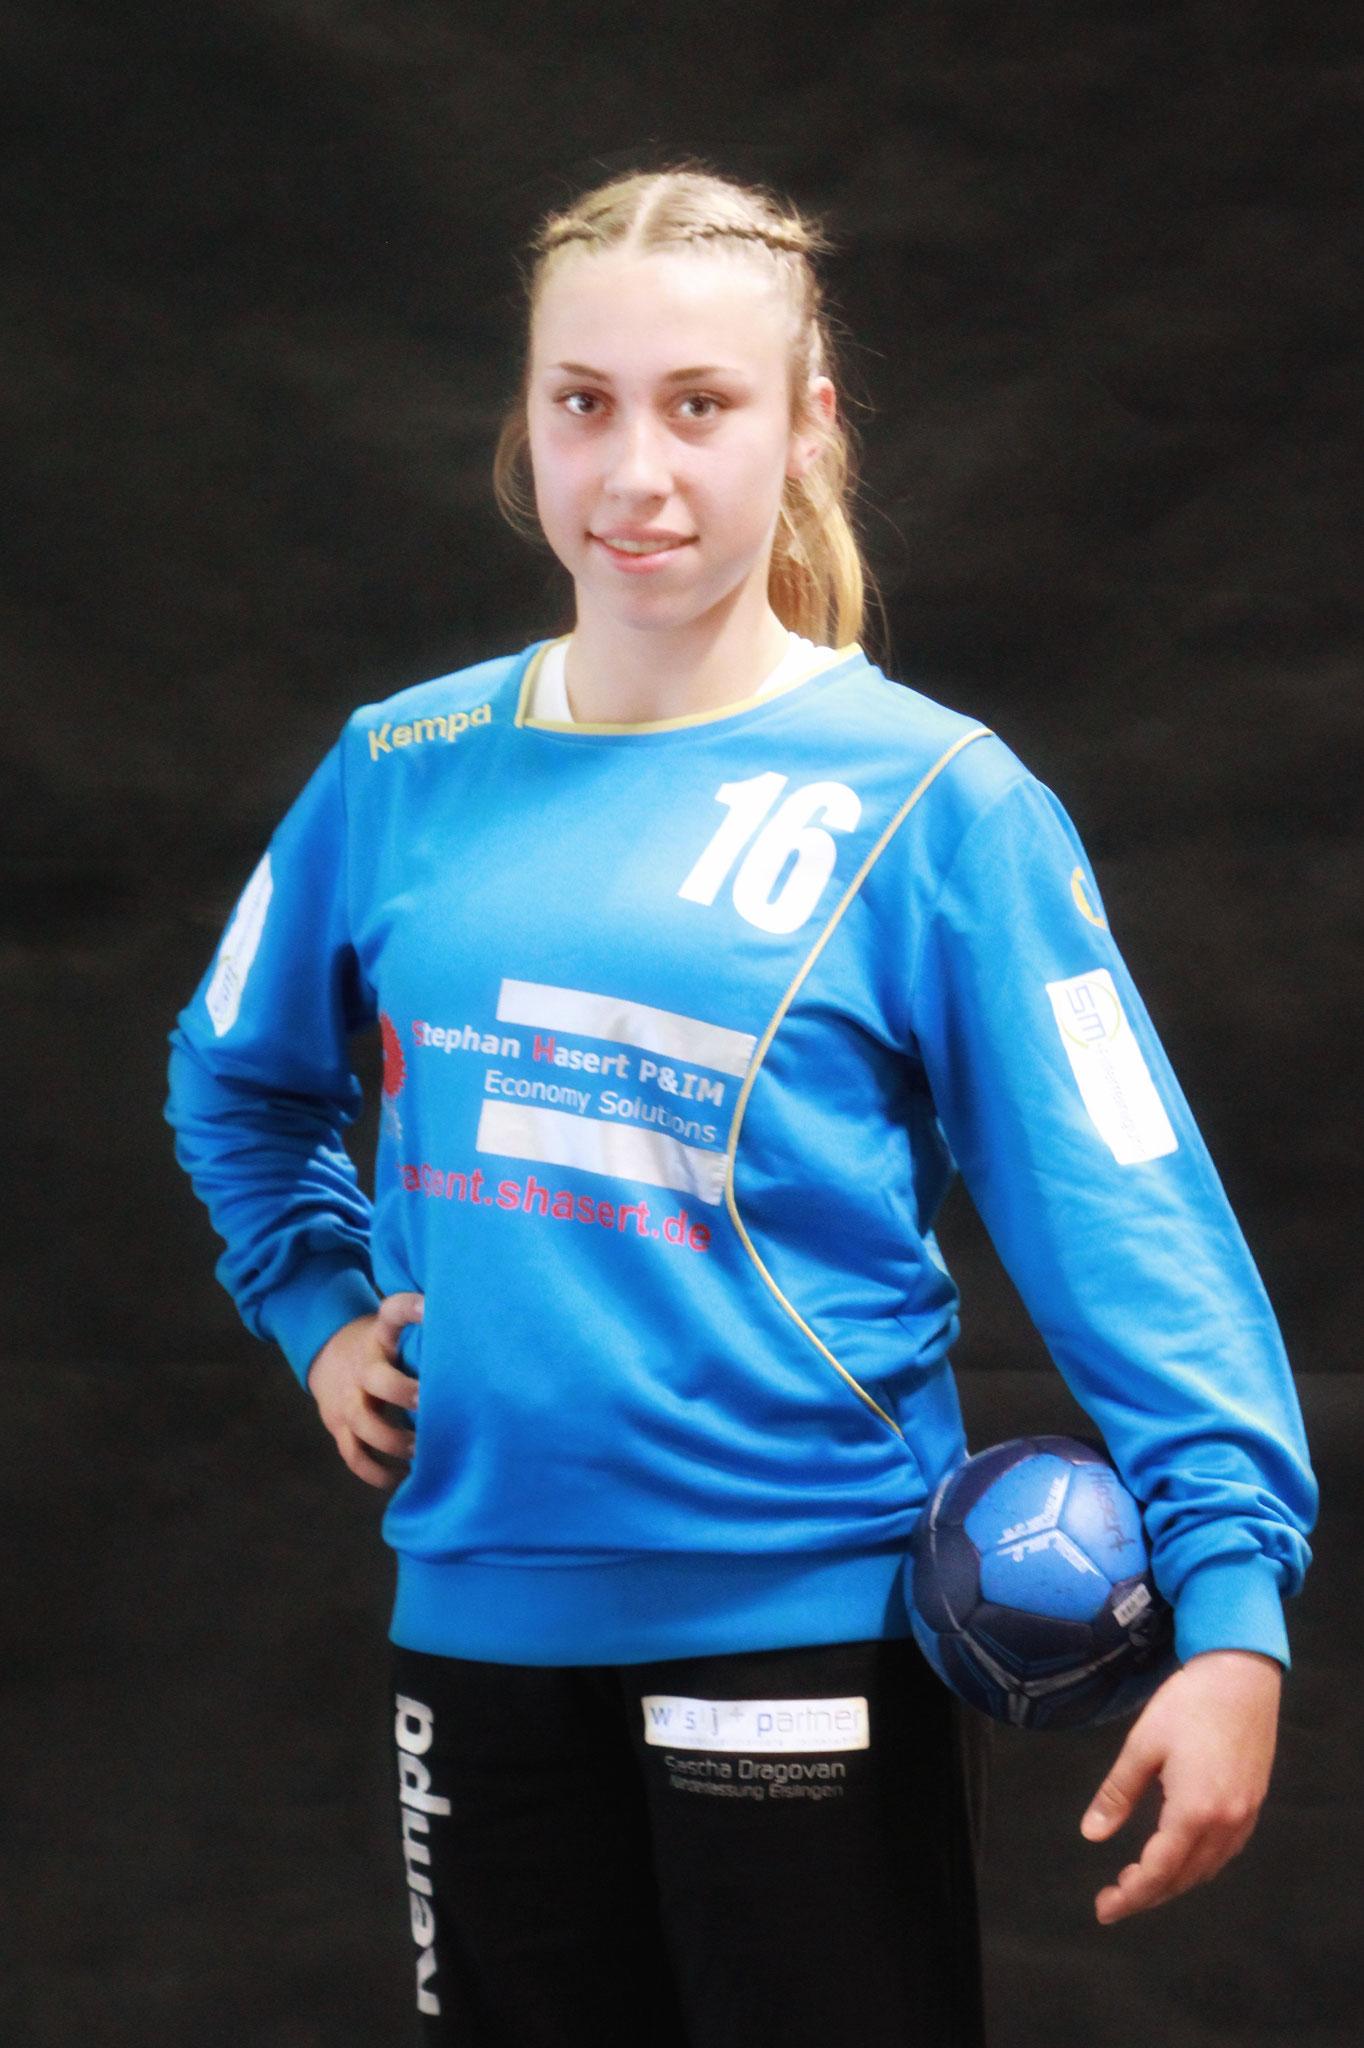 #16 Leni Hagenlocher